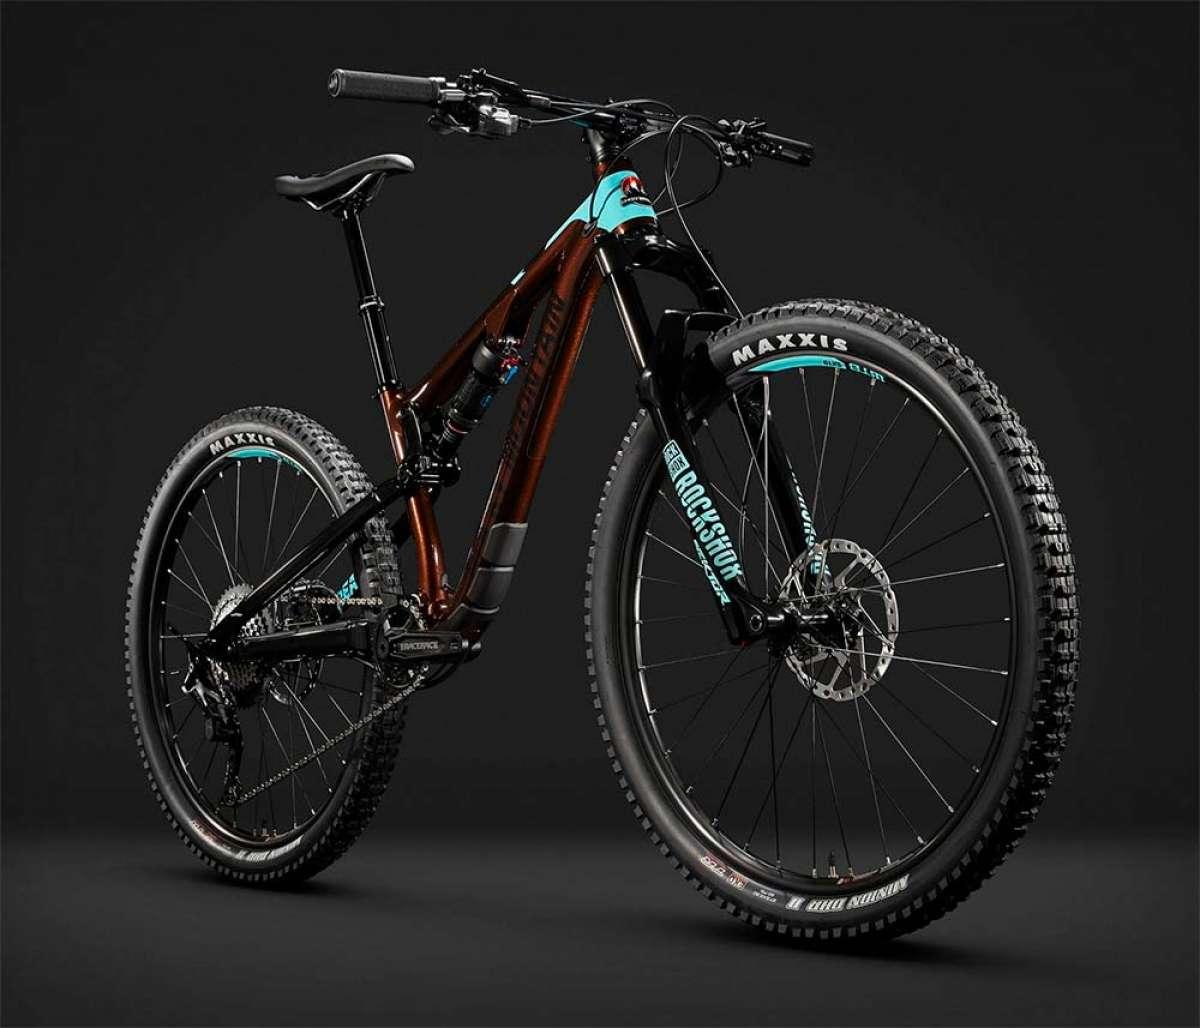 Rocky Mountain Reaper, una bici compatible con ruedas de 24 y 26 pulgadas para jóvenes promesas del MTB